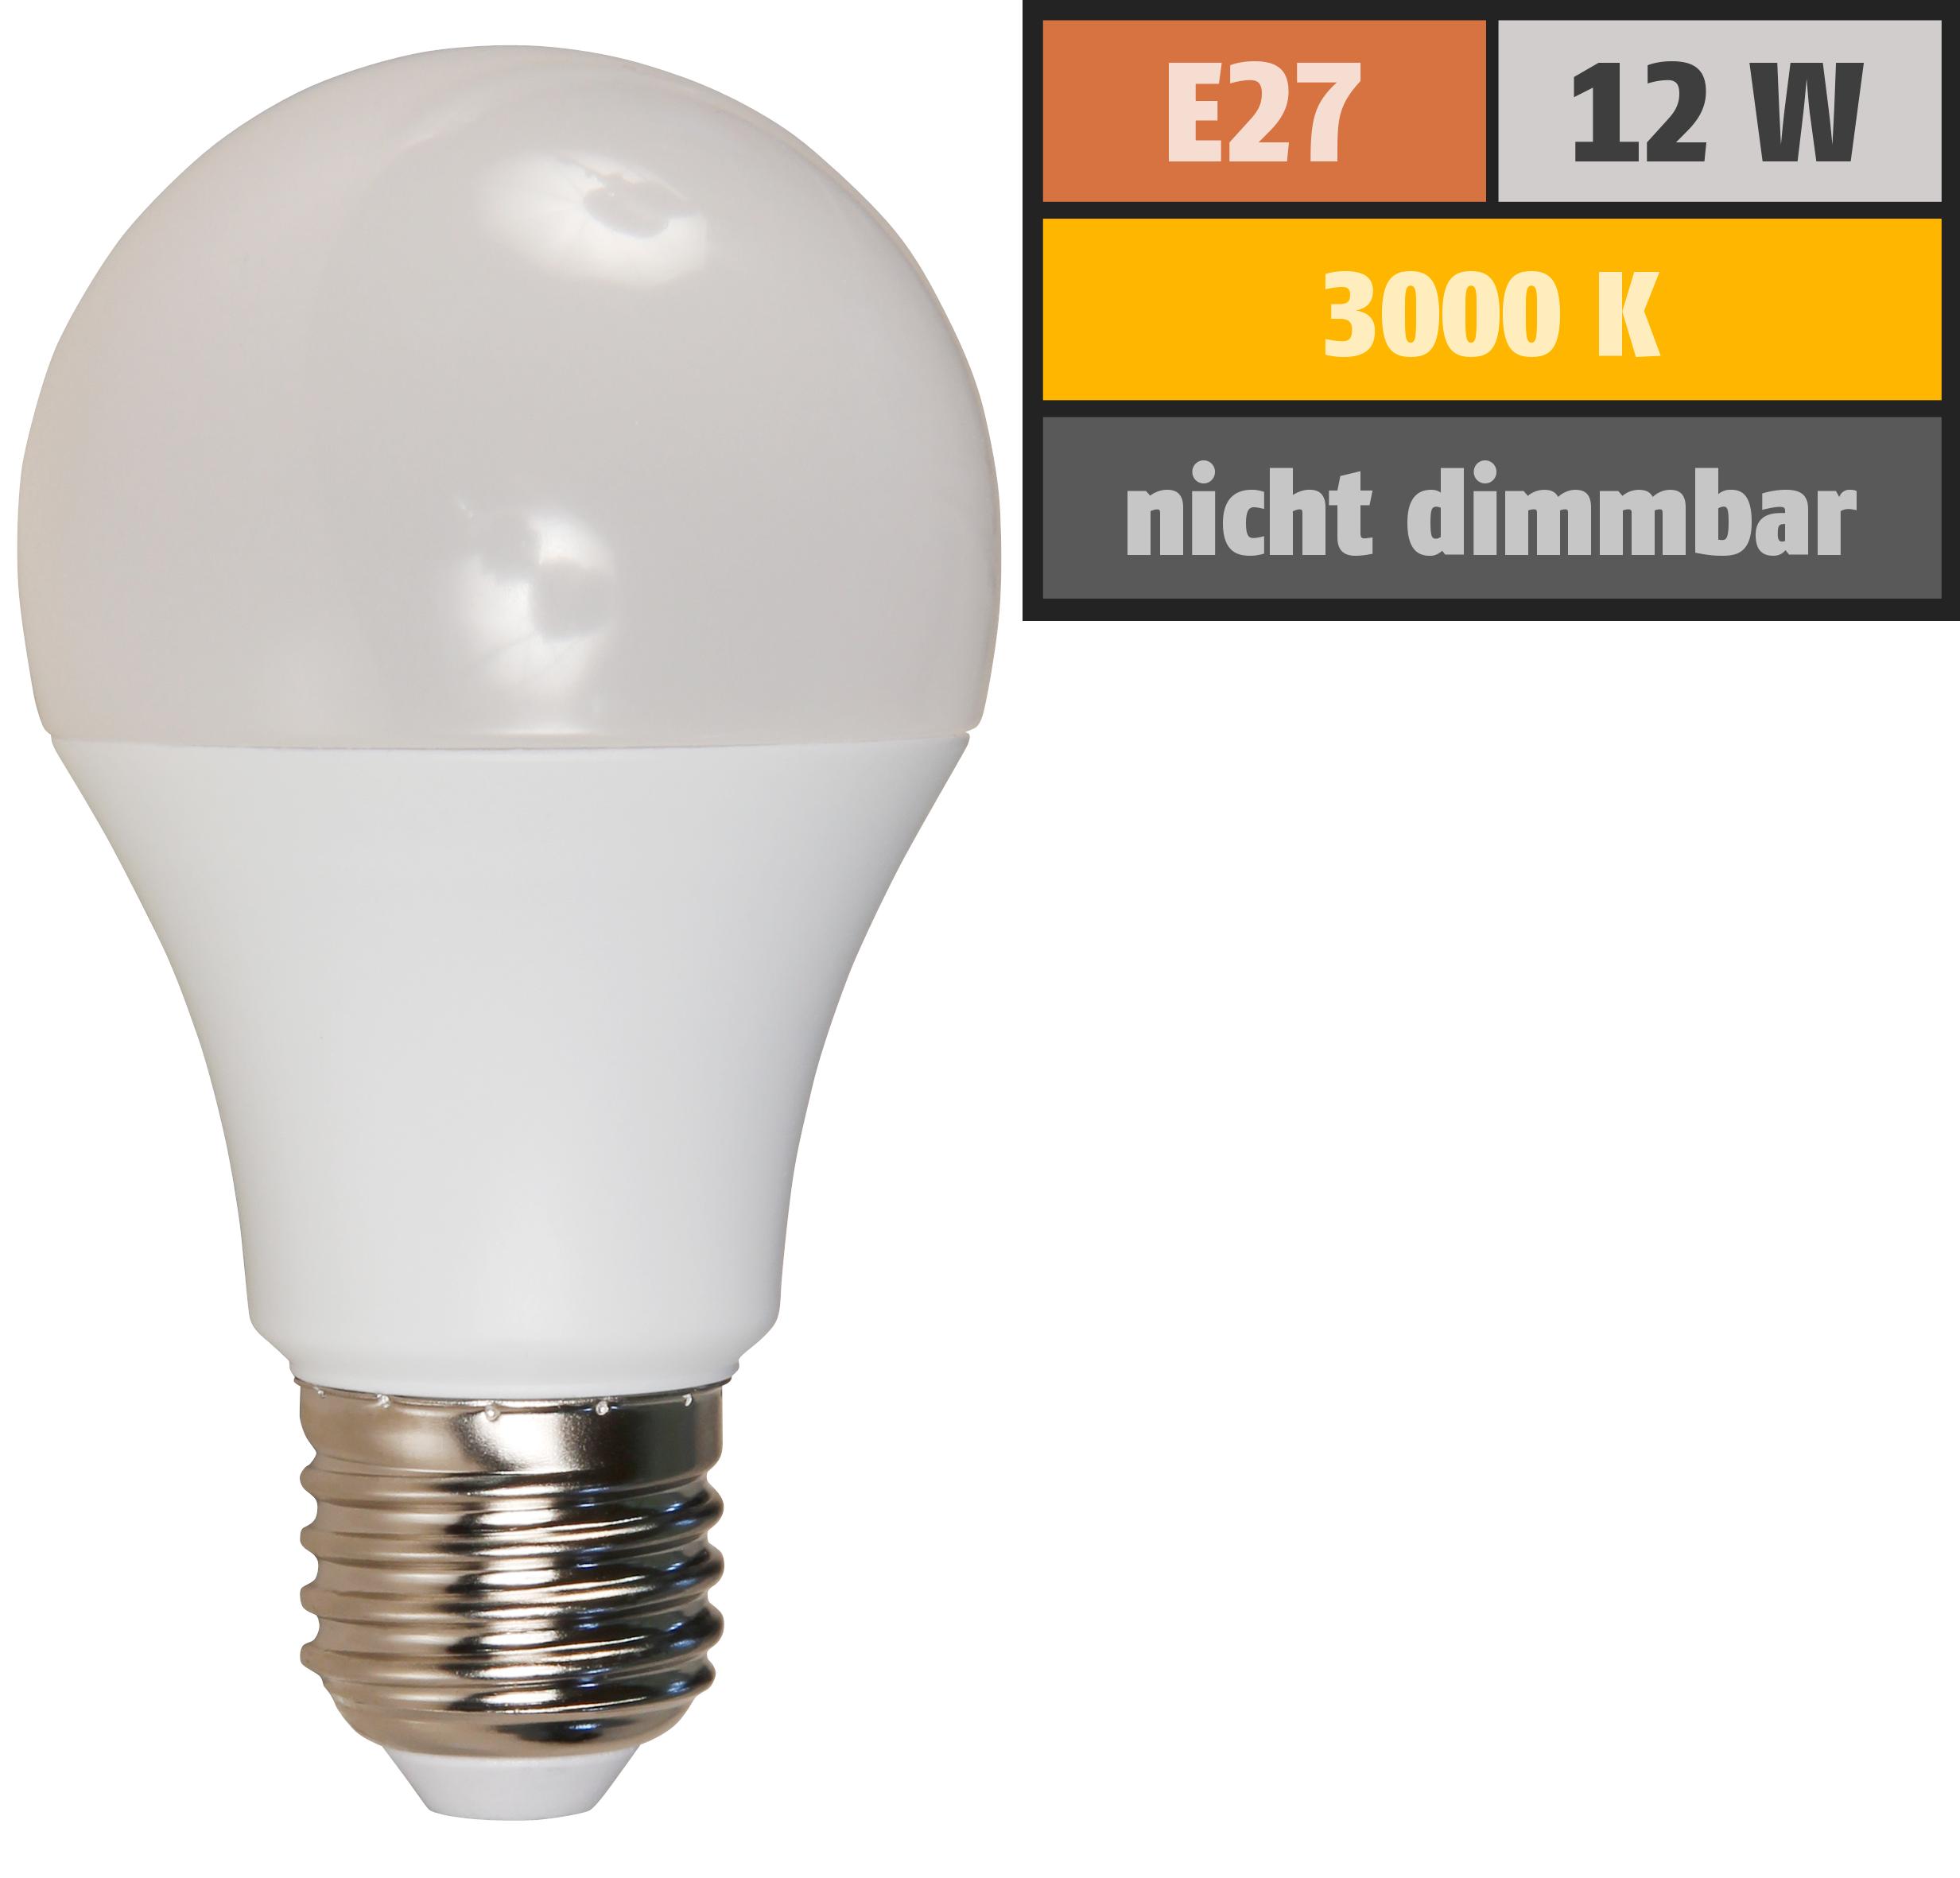 Led Glühlampe Mcshine E27 12w 1050lm 240 3000k Warmweiß